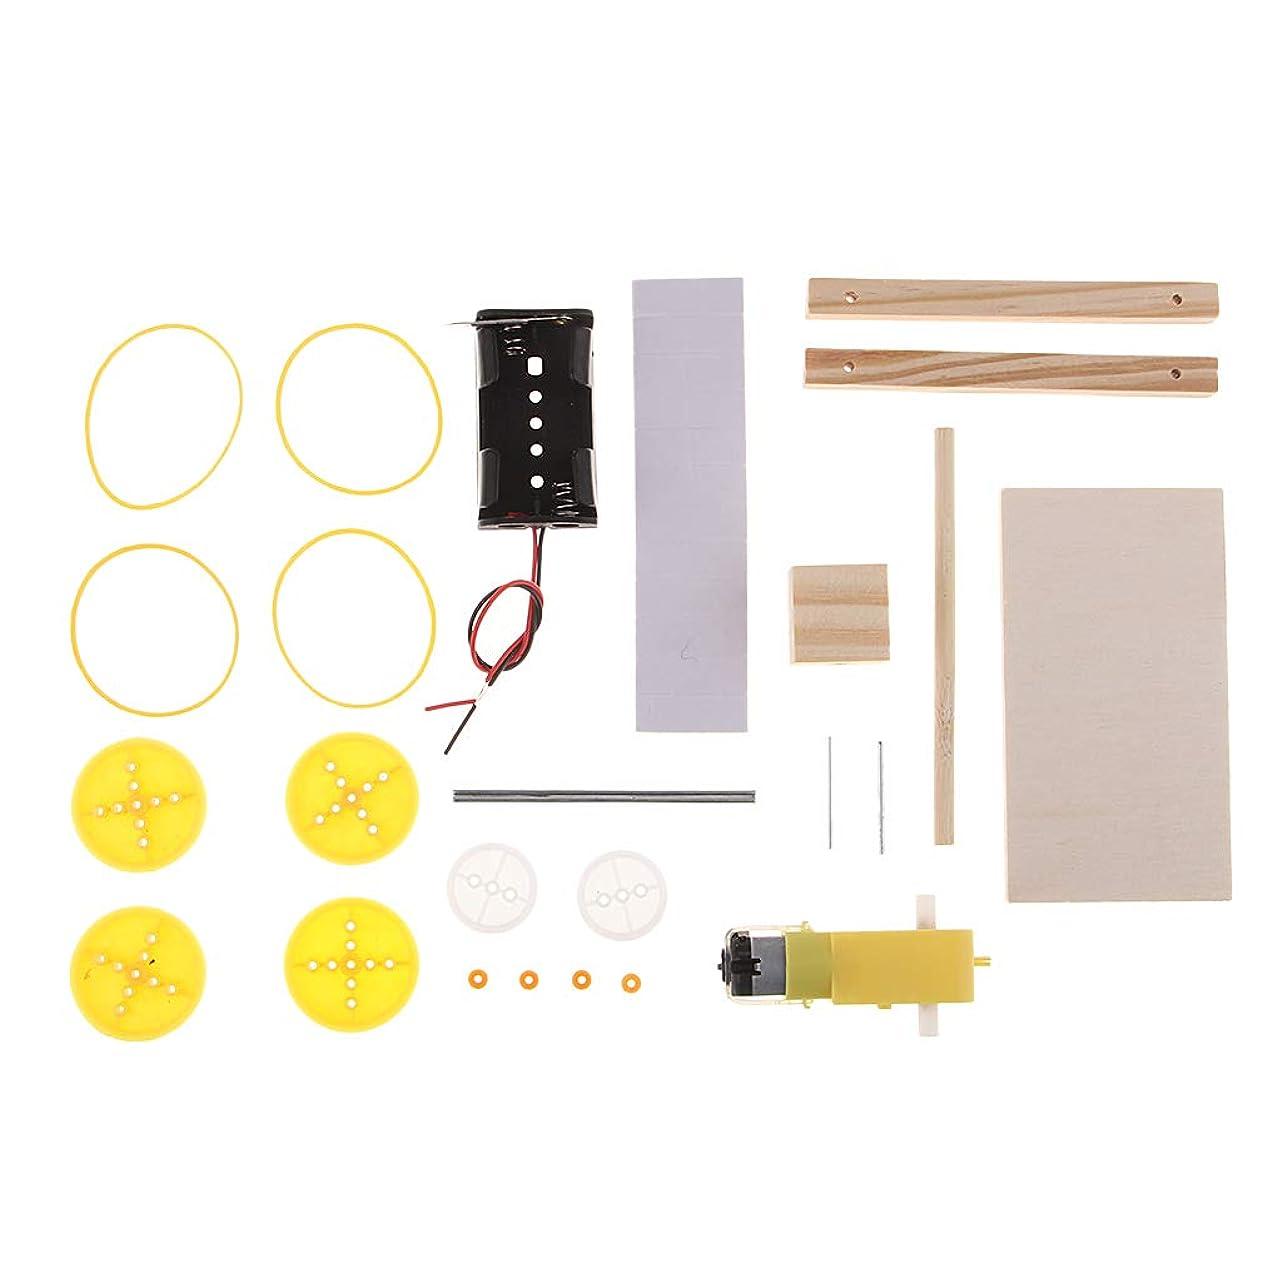 掃除窓横P Prettyia タンクモデル タンク模型 モデルキット モデル DIY 組み立て 実践能力向上 知育玩具 プレゼント 男の子